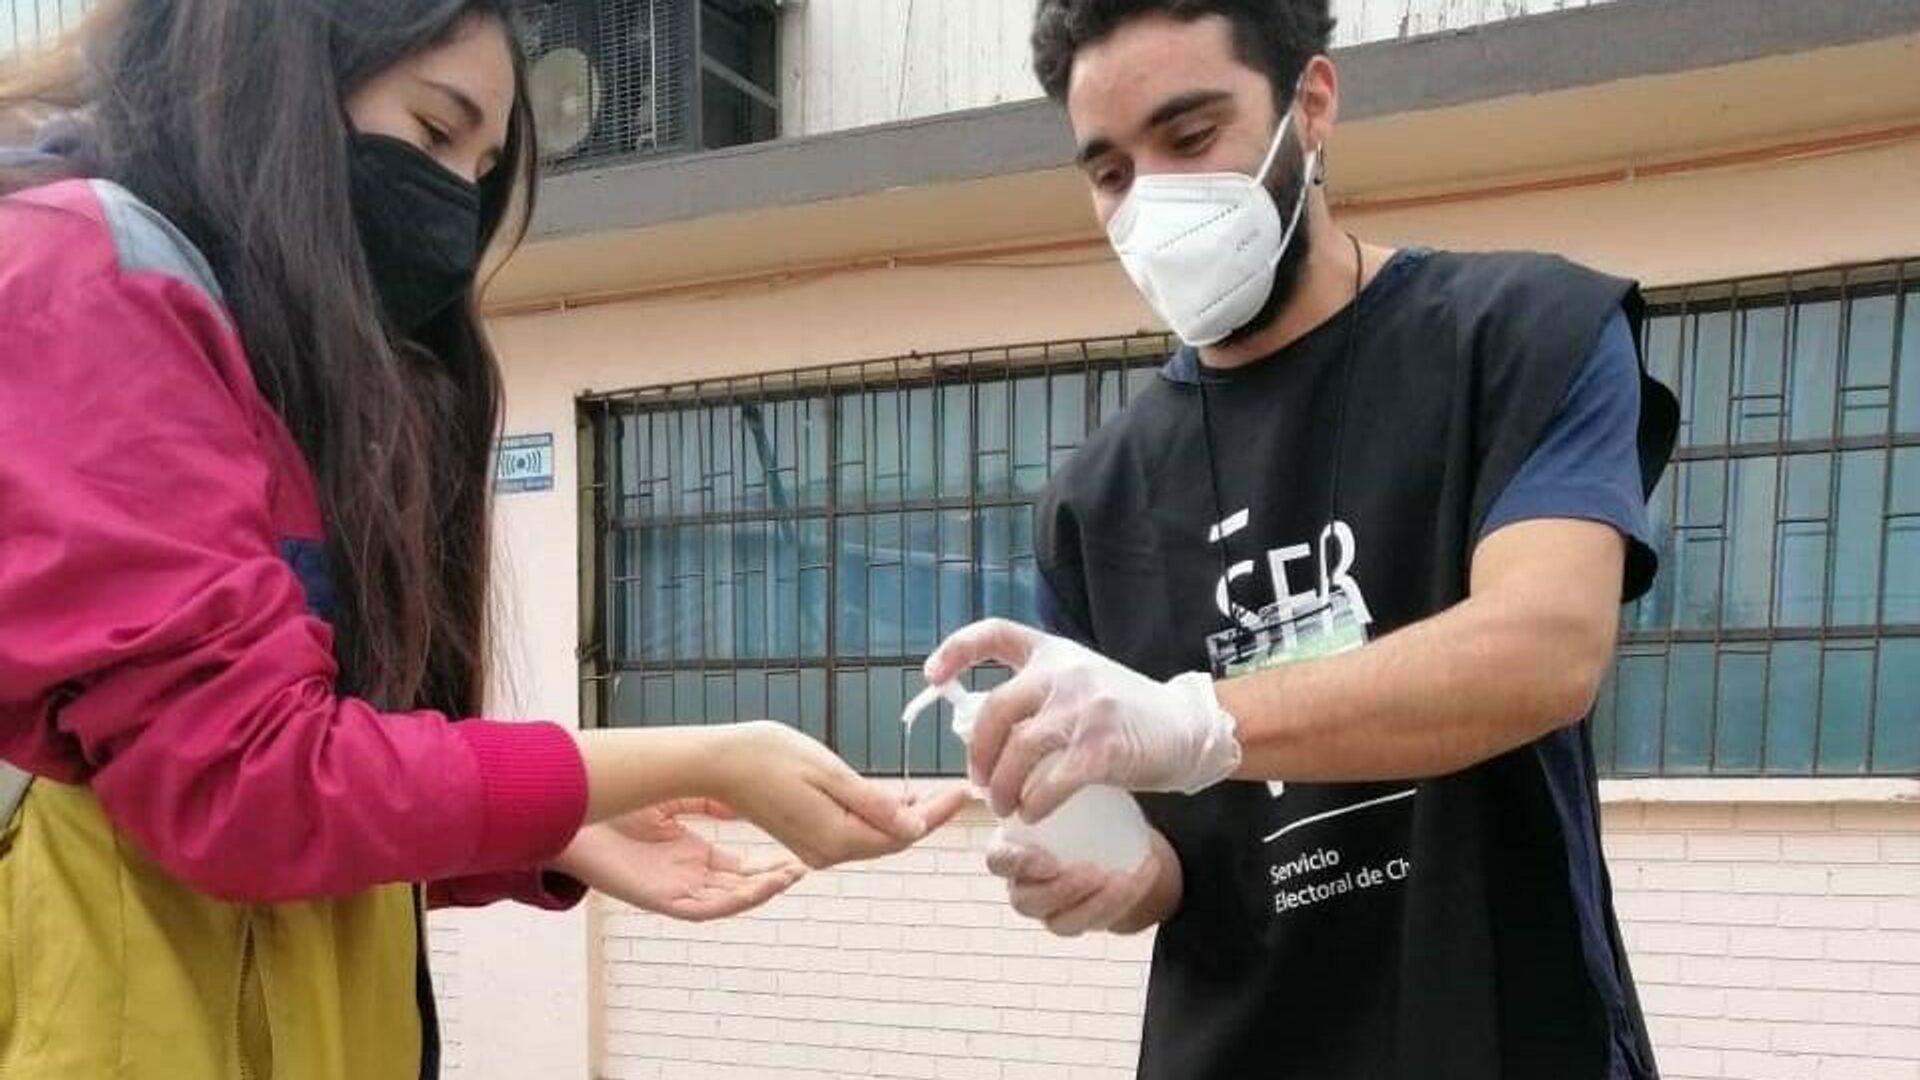 El protocolo de sanitización es estricto en los locales de votación en Chile. Mascarilla, alcohol gel y distanciamiento social para prevenir el COVID-19    - Sputnik Mundo, 1920, 20.07.2021